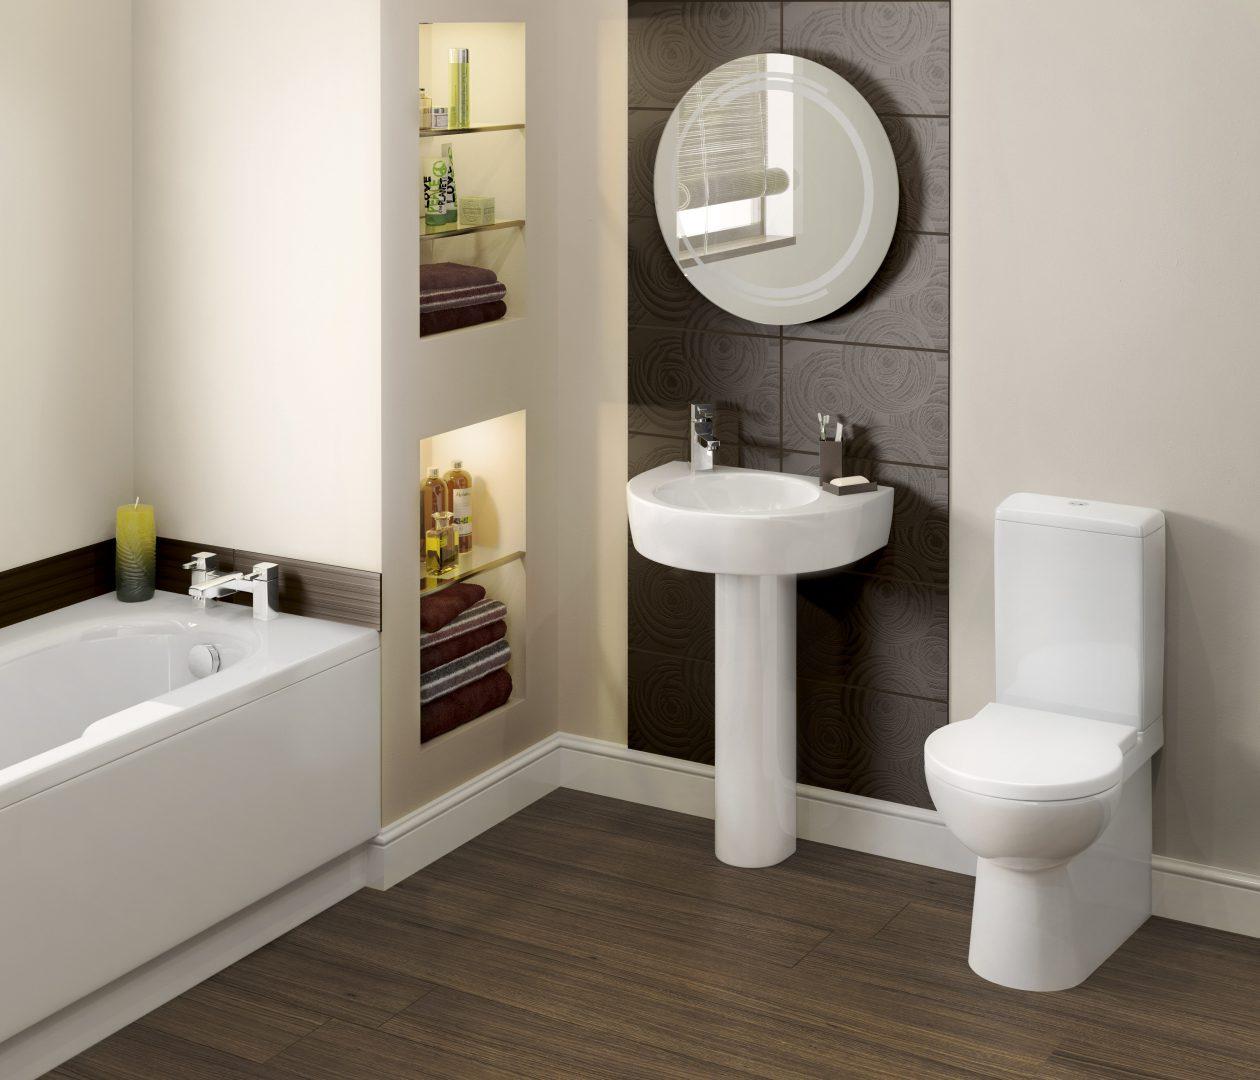 Reformas de cuartos de baño - Bañera por ducha San Sebastián ...